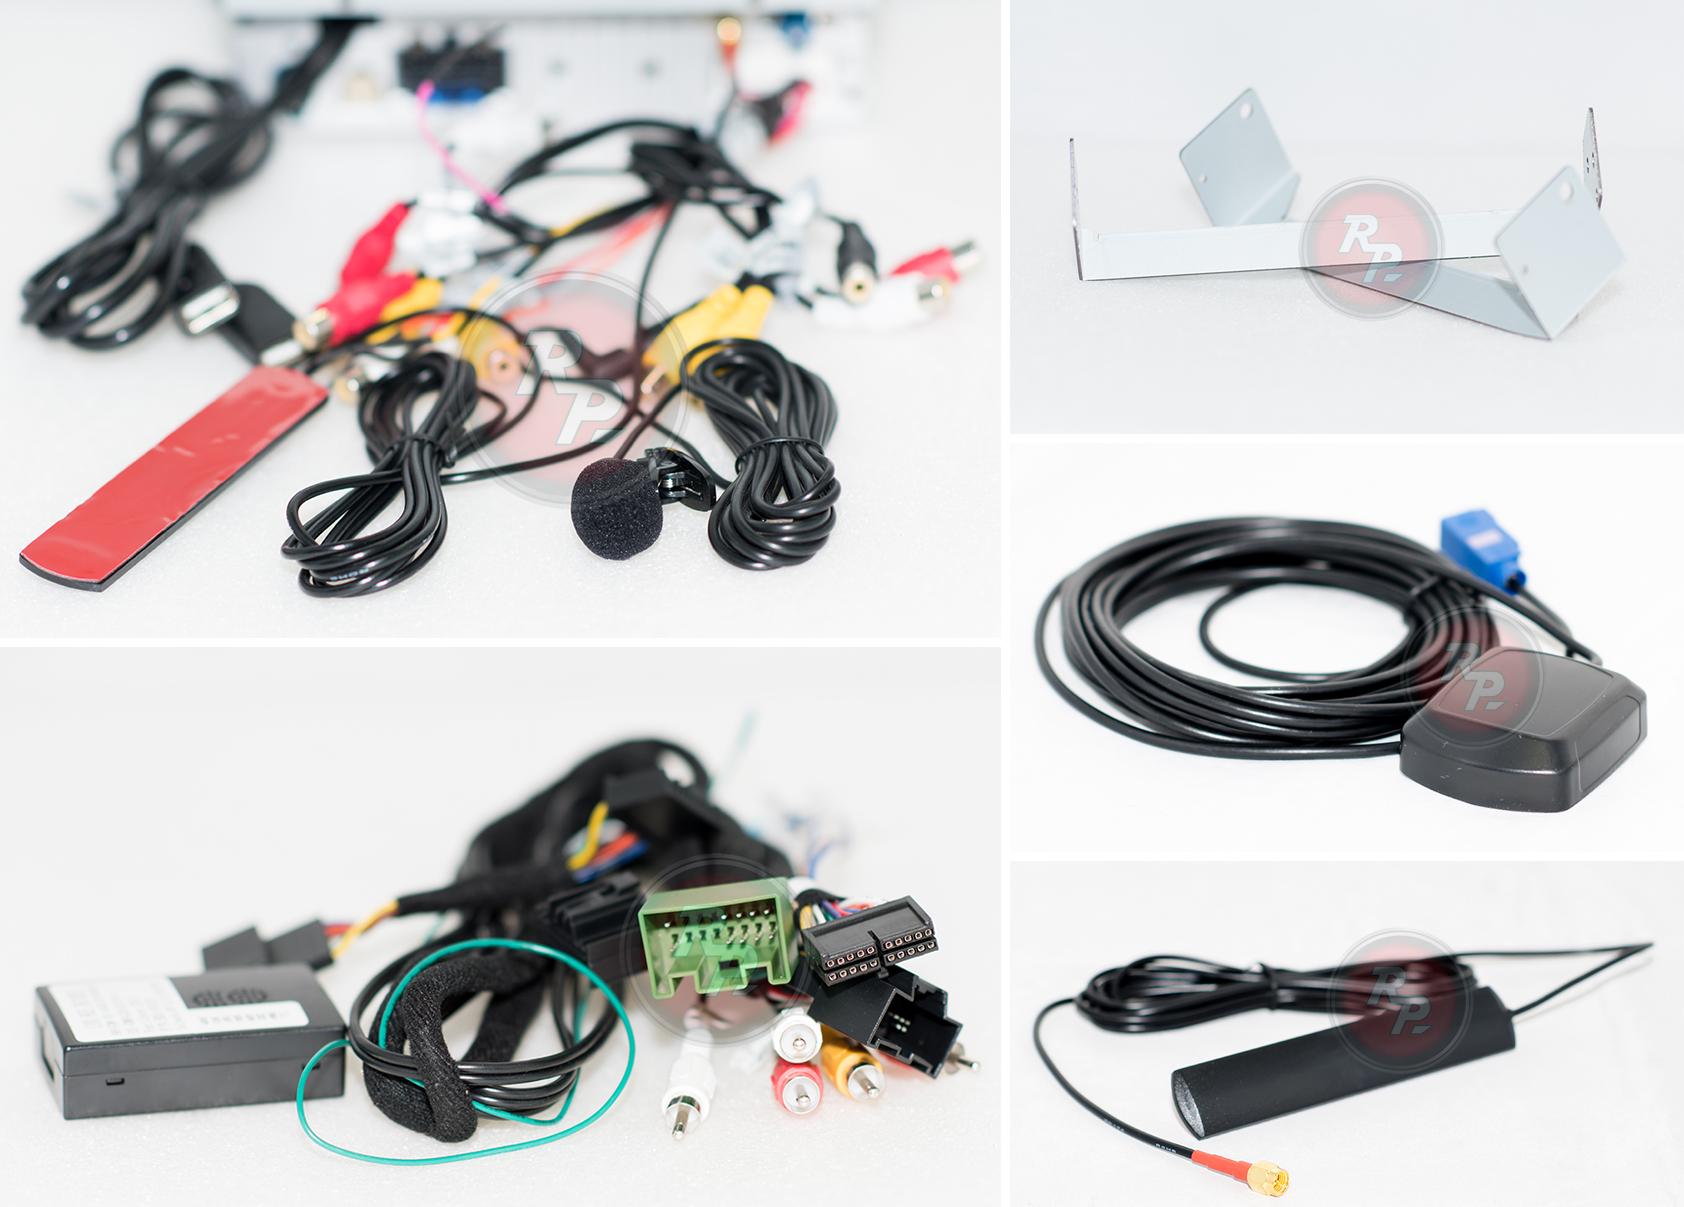 Колодки для подключения магнитолы Chevrolet Cruze 2013+